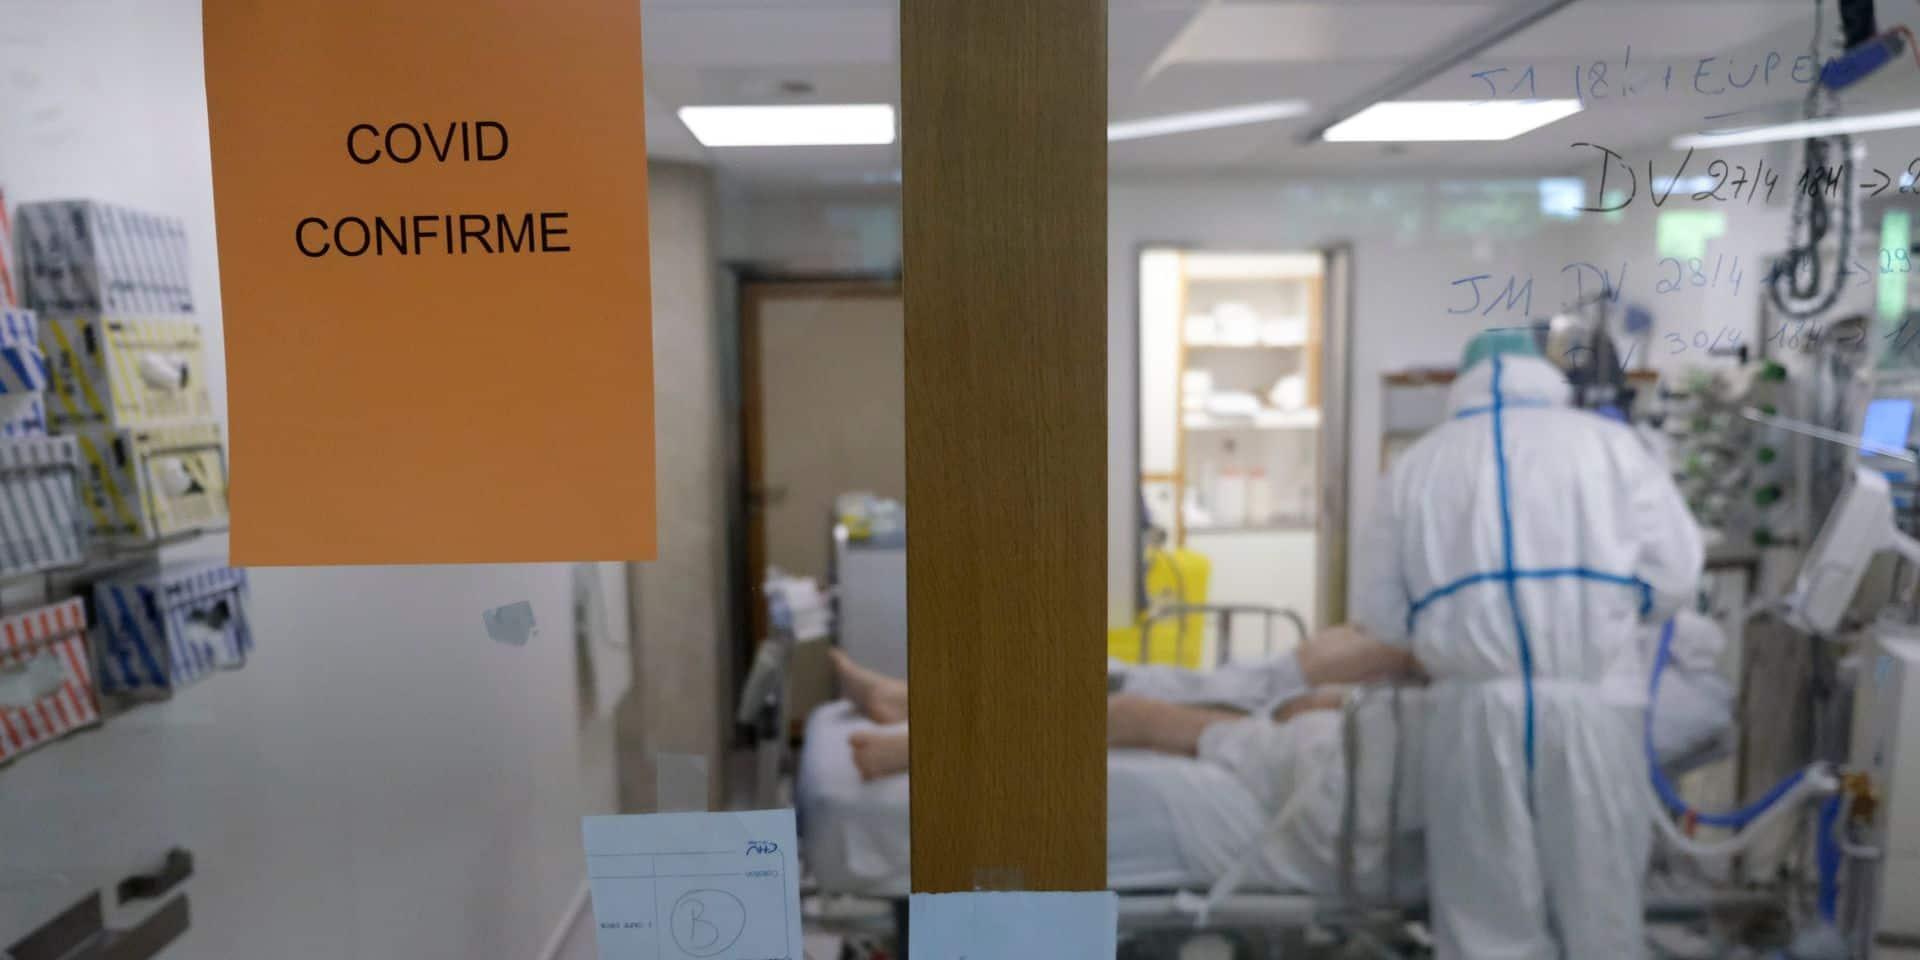 Coronavirus en Belgique : admissions et contaminations en baisse, mais pas les soins intensifs